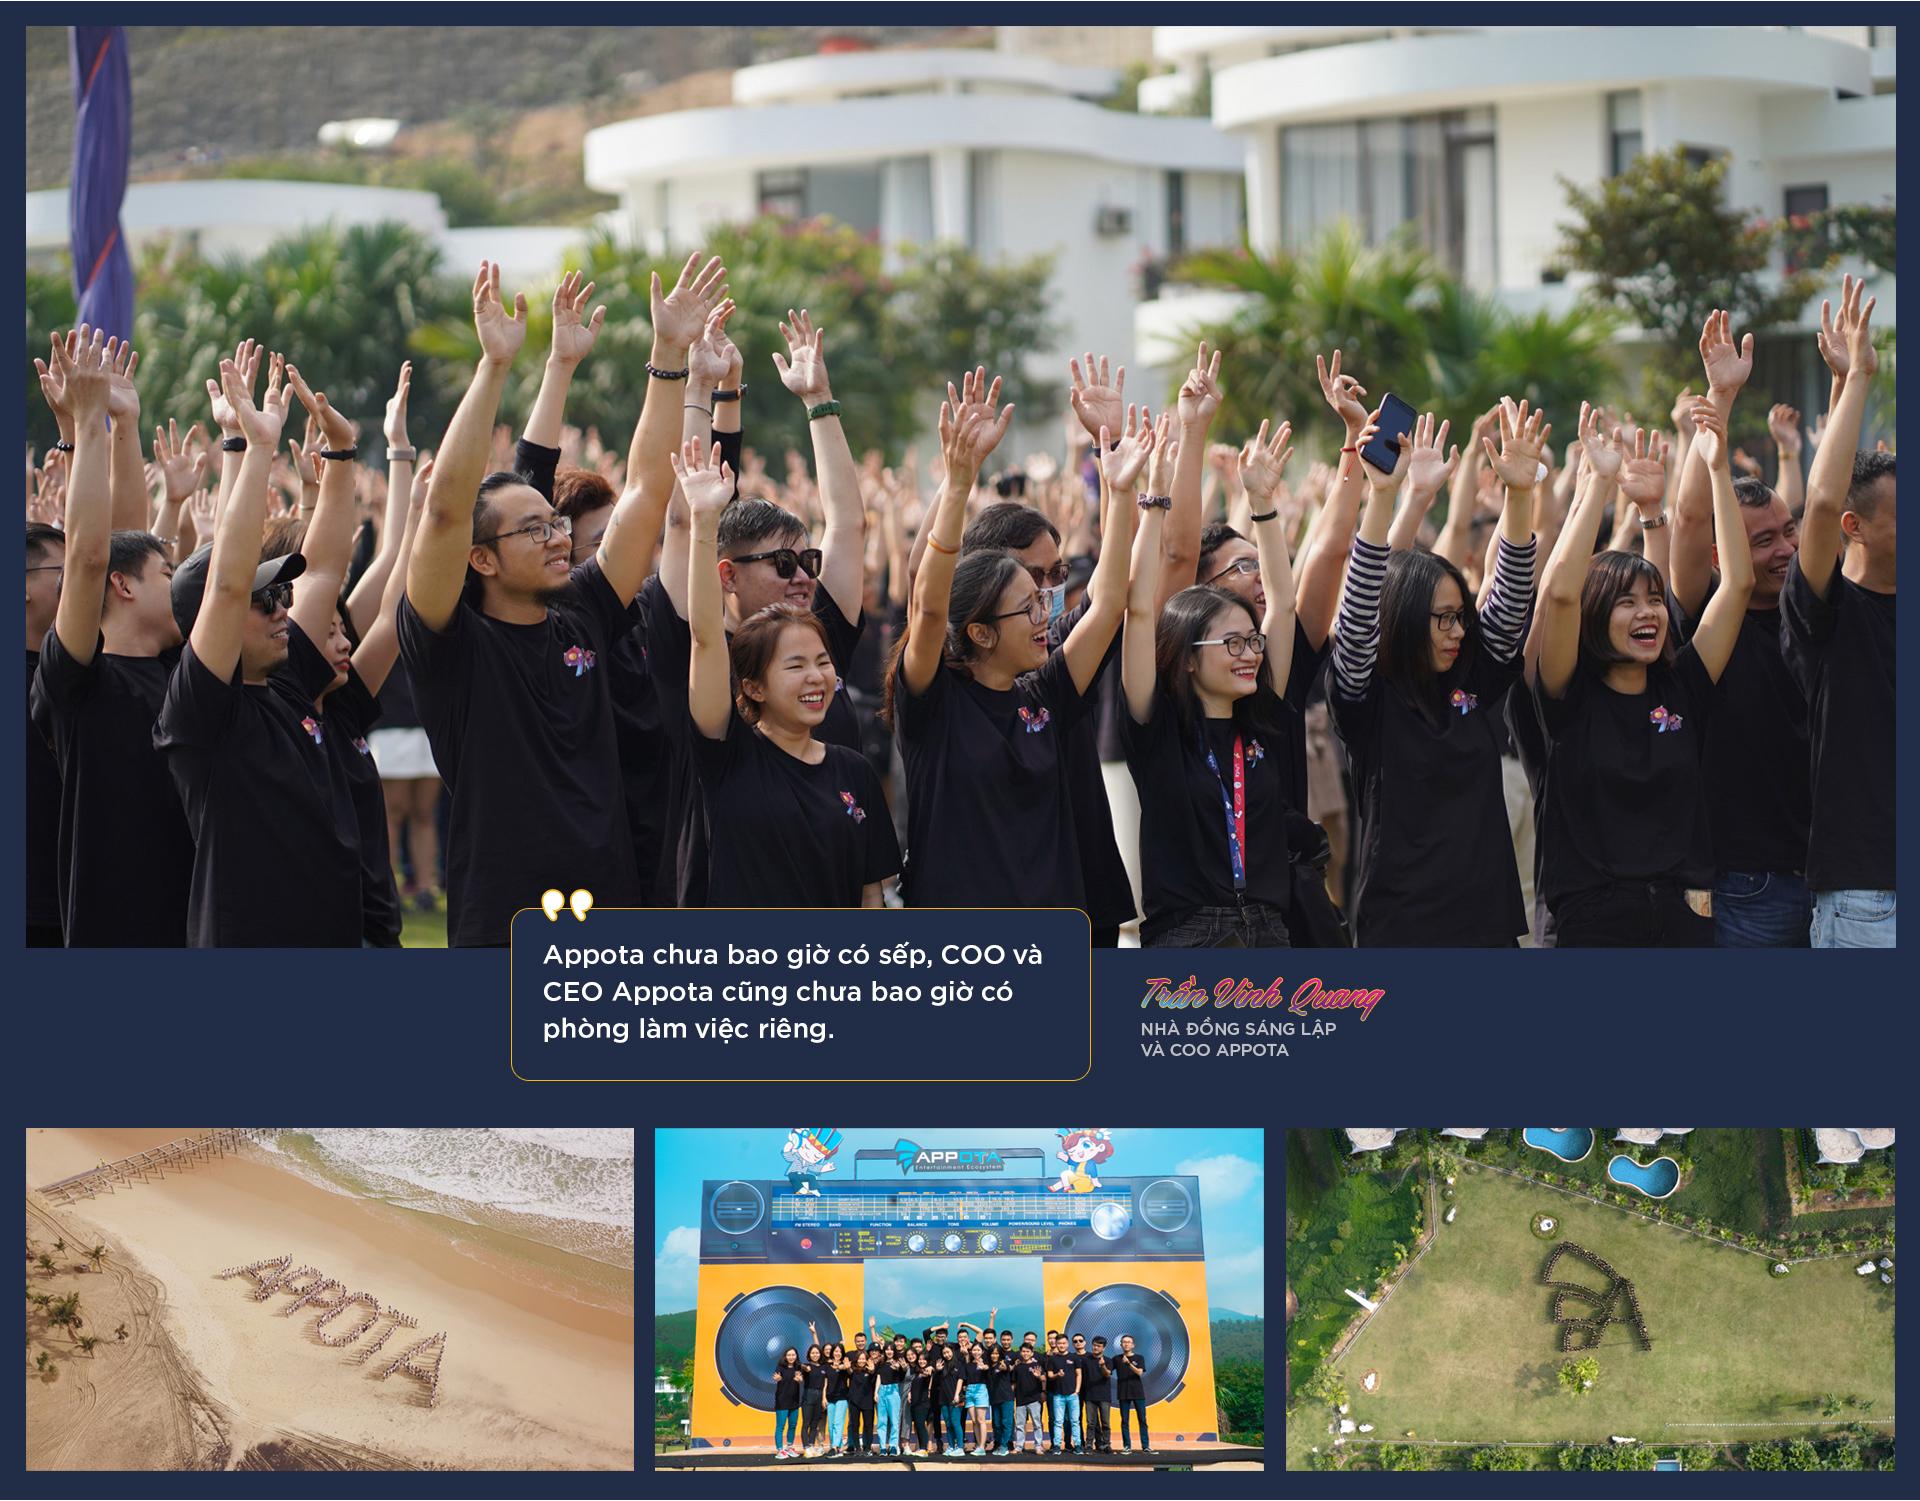 9 năm chặng đường phát triển Appota và hành trang bước sang thập kỉ mới 7